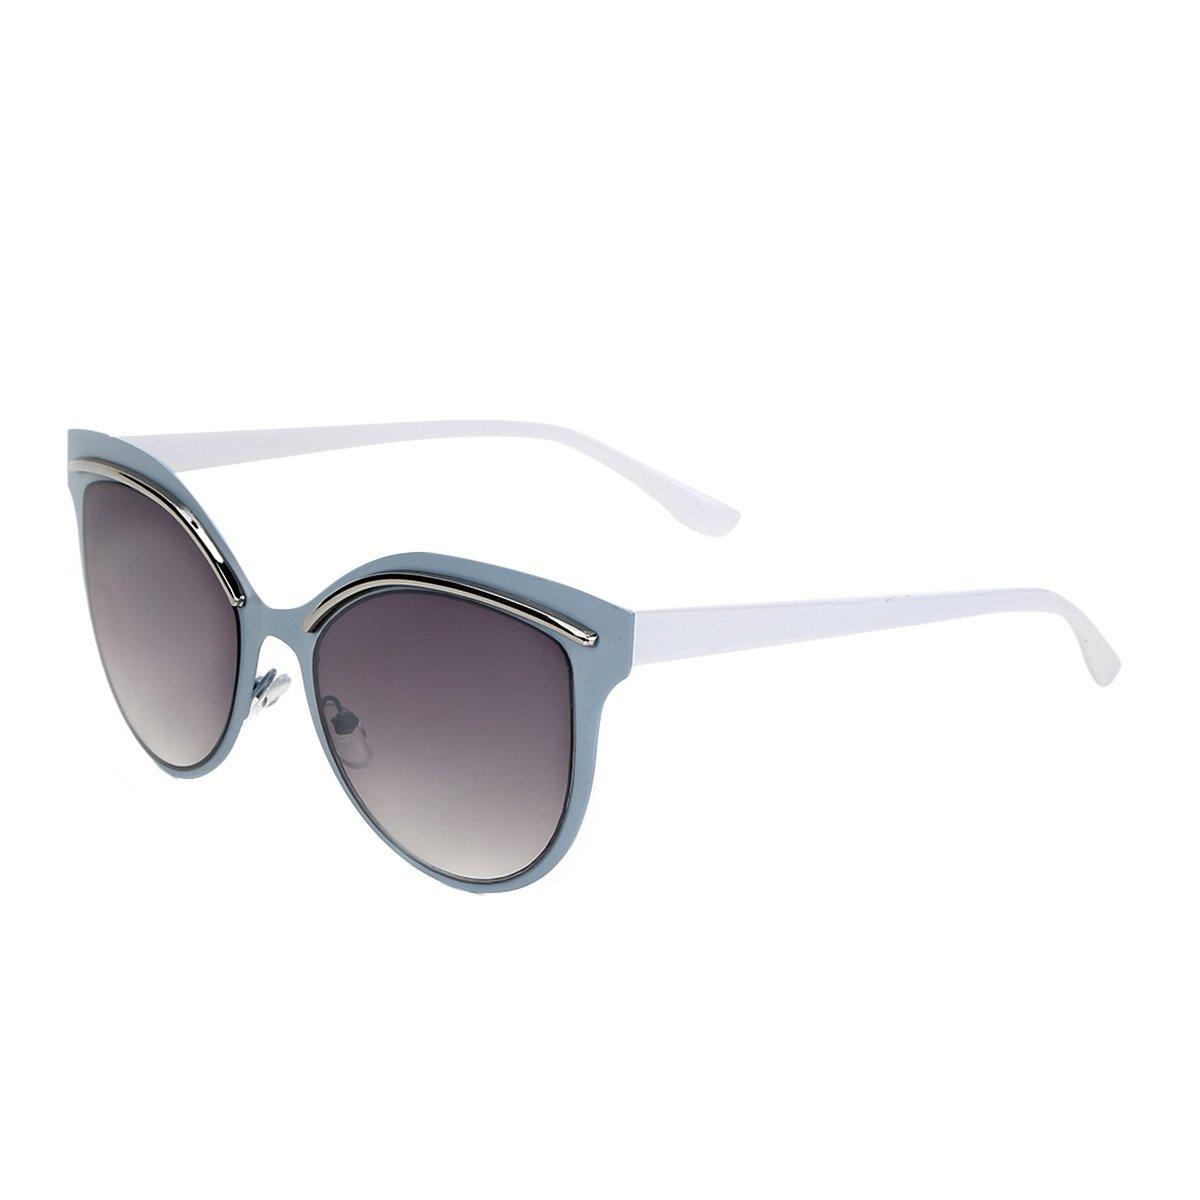 4e4b635543faf Óculos de Sol King One J10 Feminino